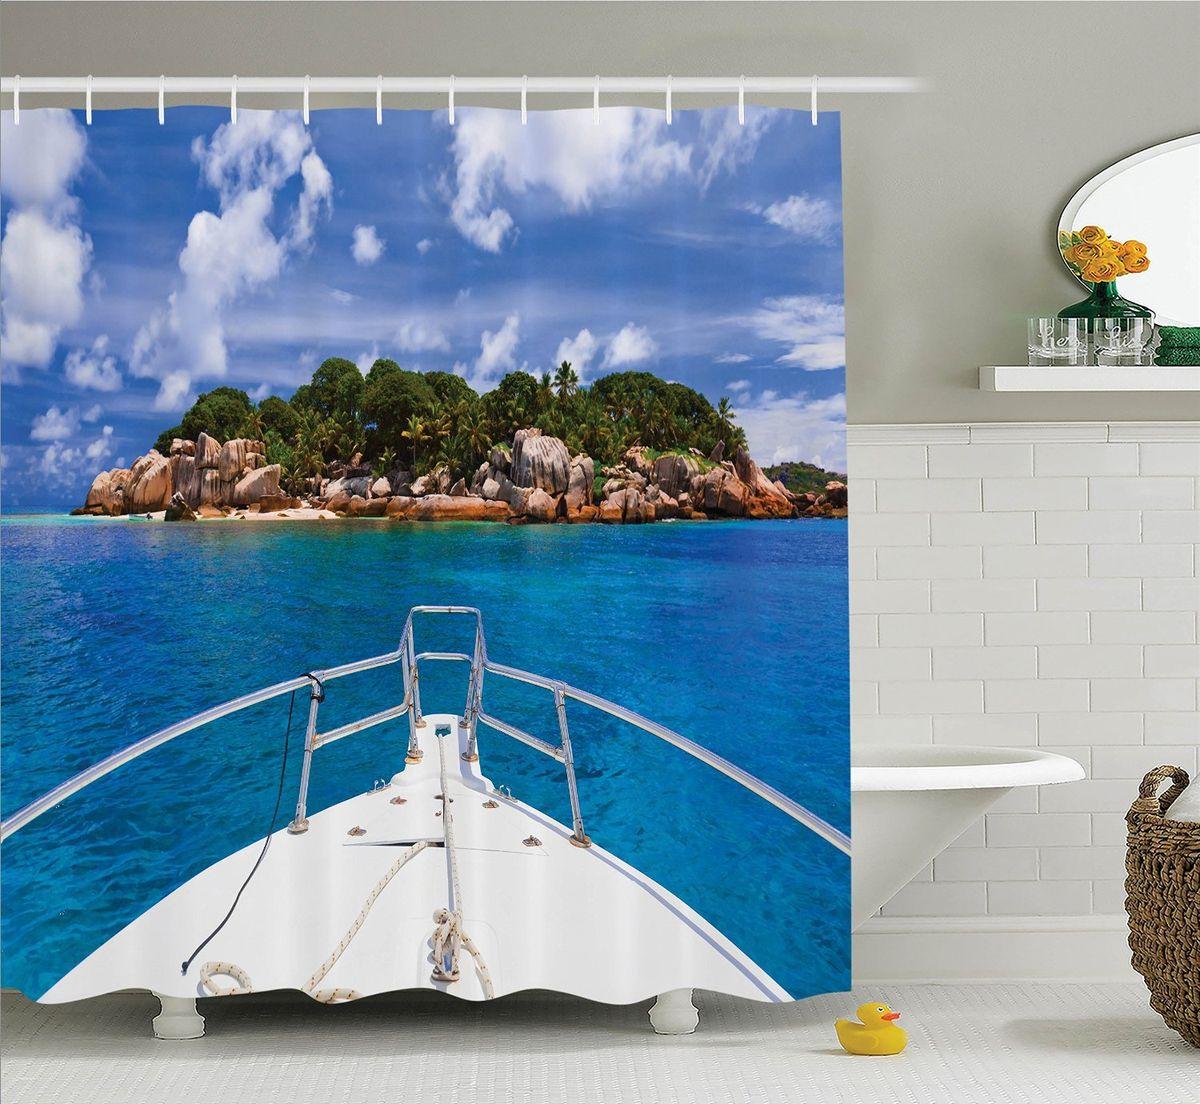 Штора для ванной комнаты Magic Lady На палубе, 180 х 200 смшв_11704Штора Magic Lady На палубе, изготовленная из высококачественного сатена (полиэстер 100%), отлично дополнит любой интерьер ванной комнаты. При изготовлении используются специальные гипоаллергенные чернила для прямой печати по ткани, безопасные для человека.В комплекте: 1 штора, 12 крючков. Обращаем ваше внимание, фактический цвет изделия может незначительно отличаться от представленного на фото.